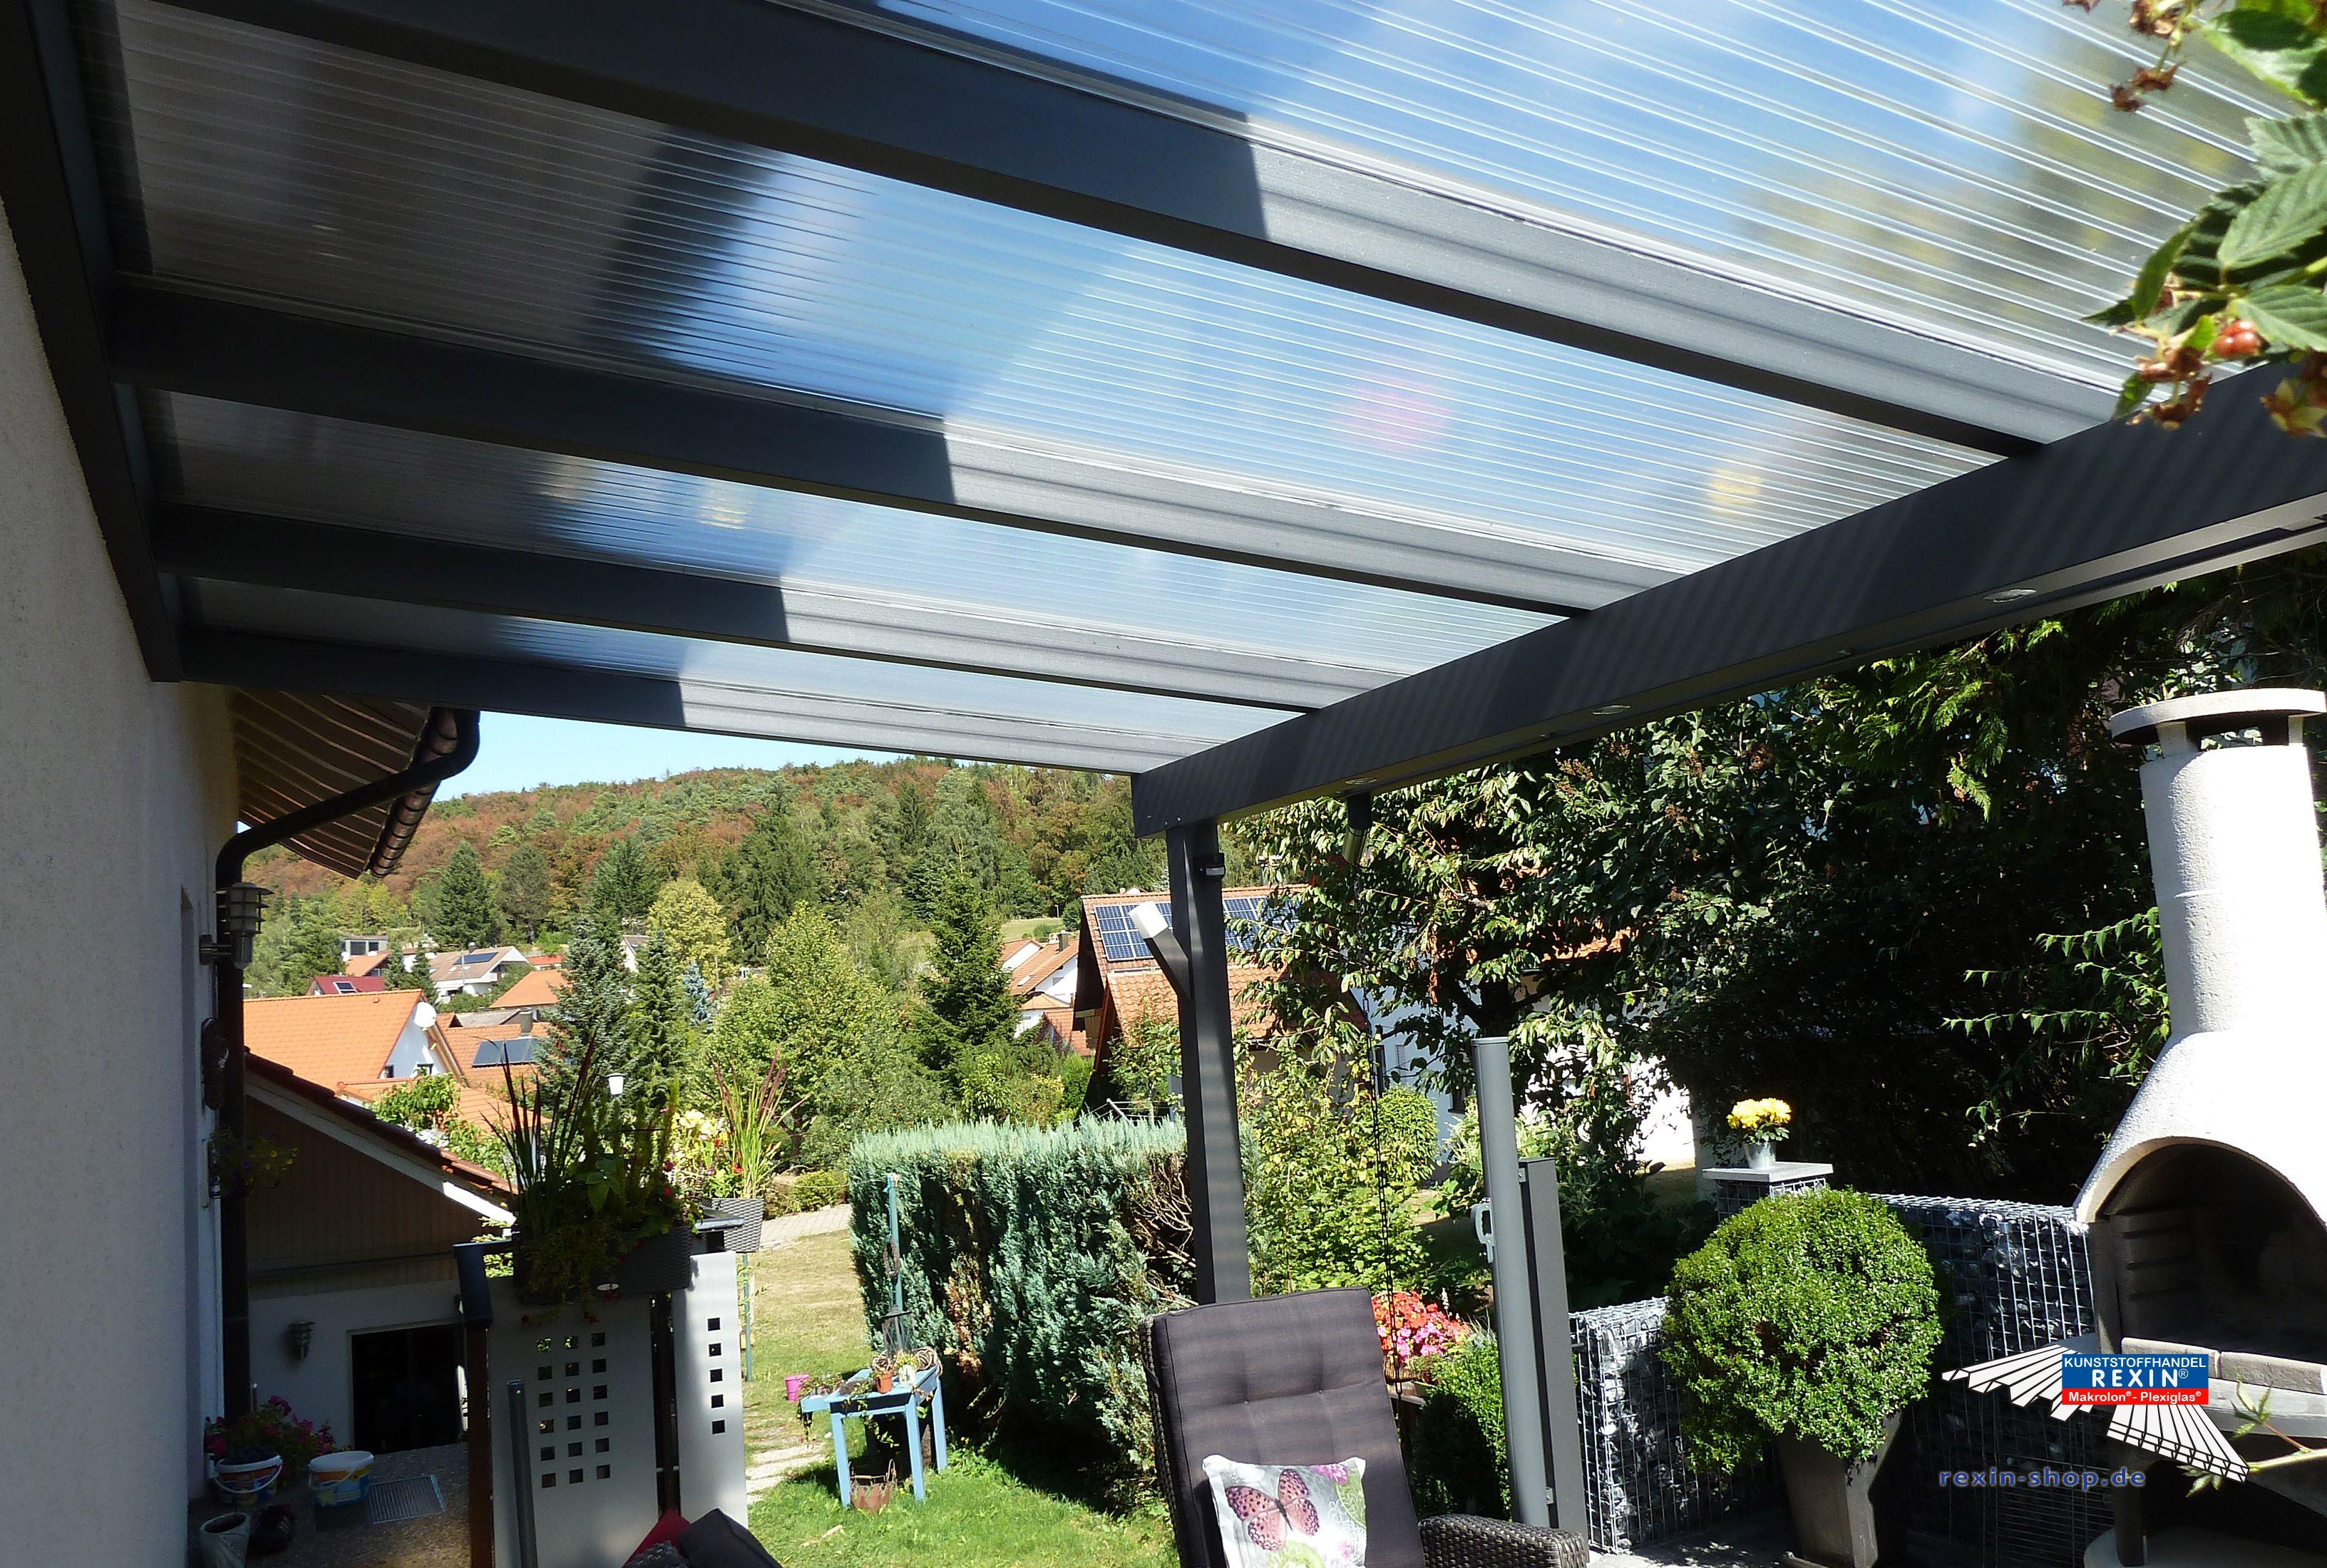 Superb Ein Alu Terrassendach der Marke REXOclassic m x m in Anthrazit mit Plexiglas